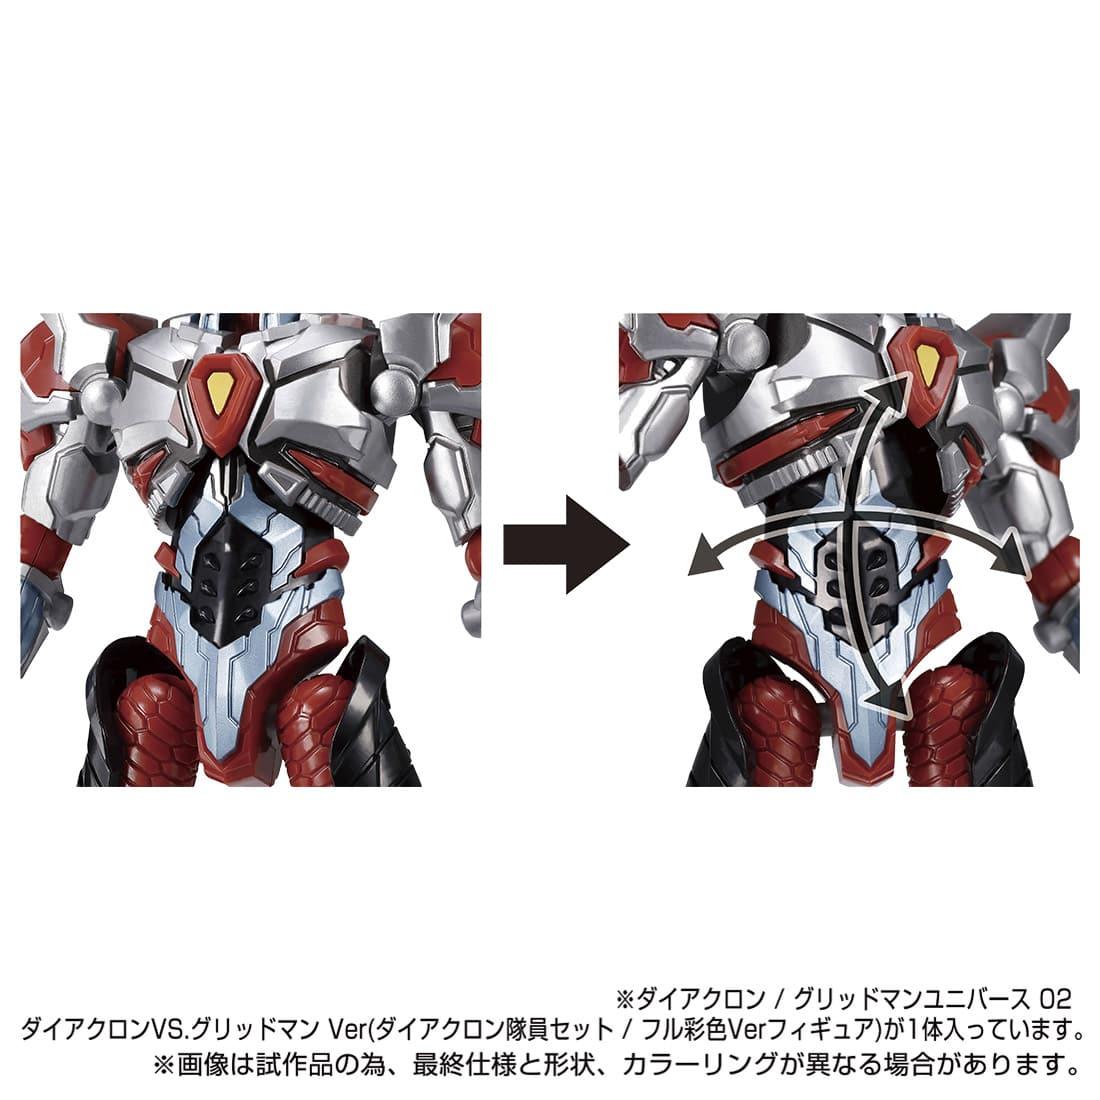 ダイアクロン / グリッドマンユニバース 02『ダイアクロンVS.グリッドマン Ver』可動フィギュア-008